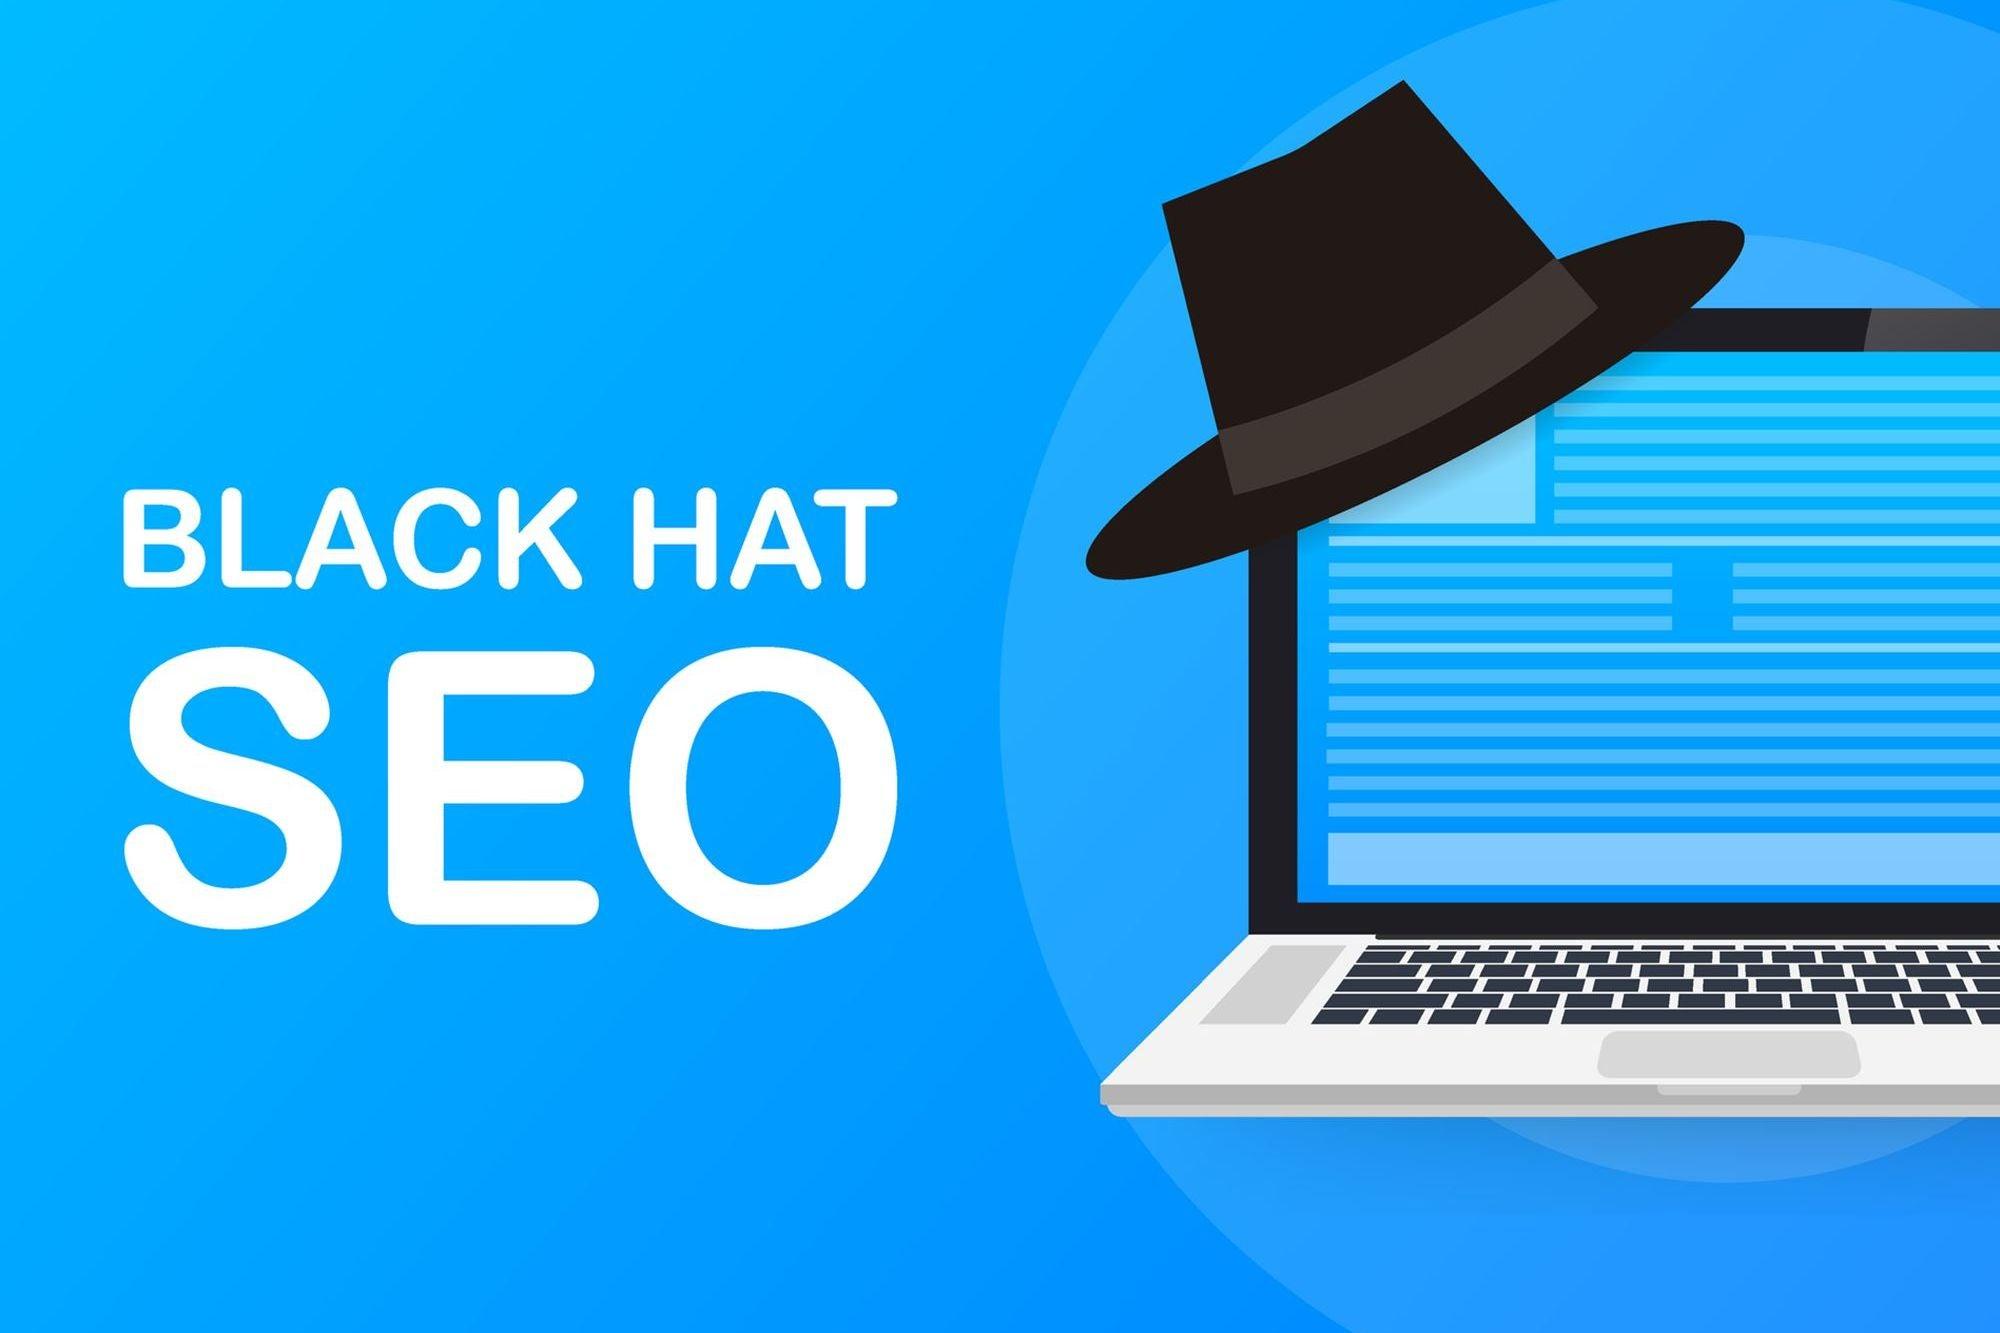 سئو کلاه سیاه چیست؟ همه چیز درباره سئو کلاه سیاه